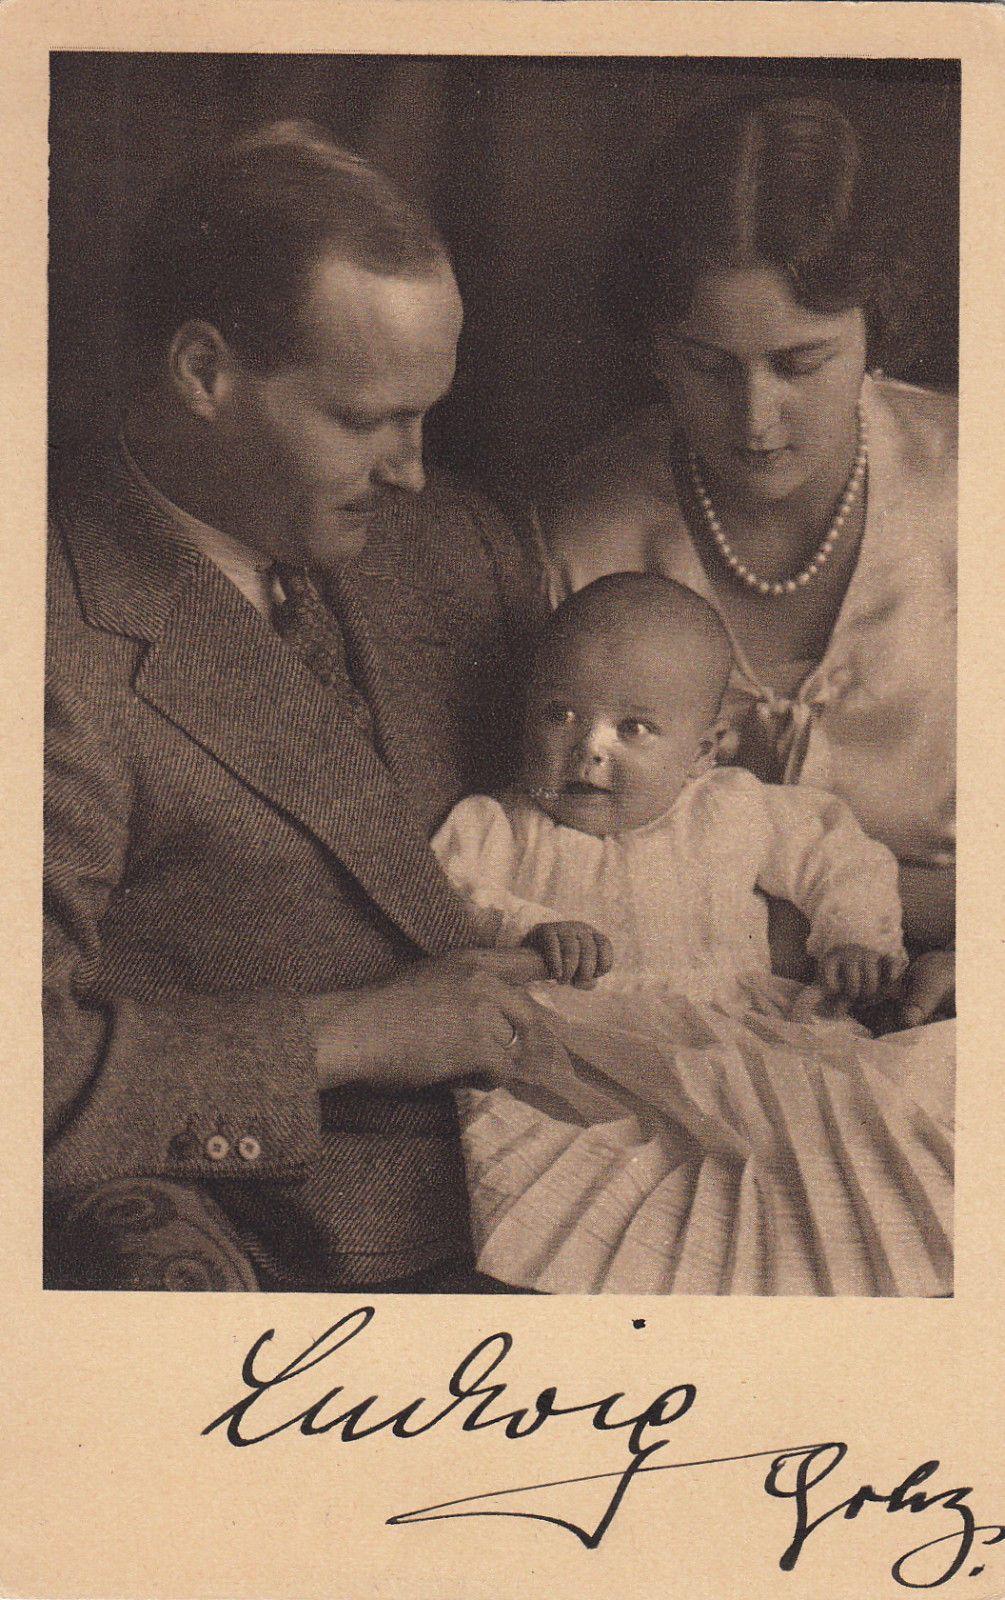 ak v prinz ludwig v hessen darmstadt m autograph 1940 sammeln seltenes ansichtskarten. Black Bedroom Furniture Sets. Home Design Ideas